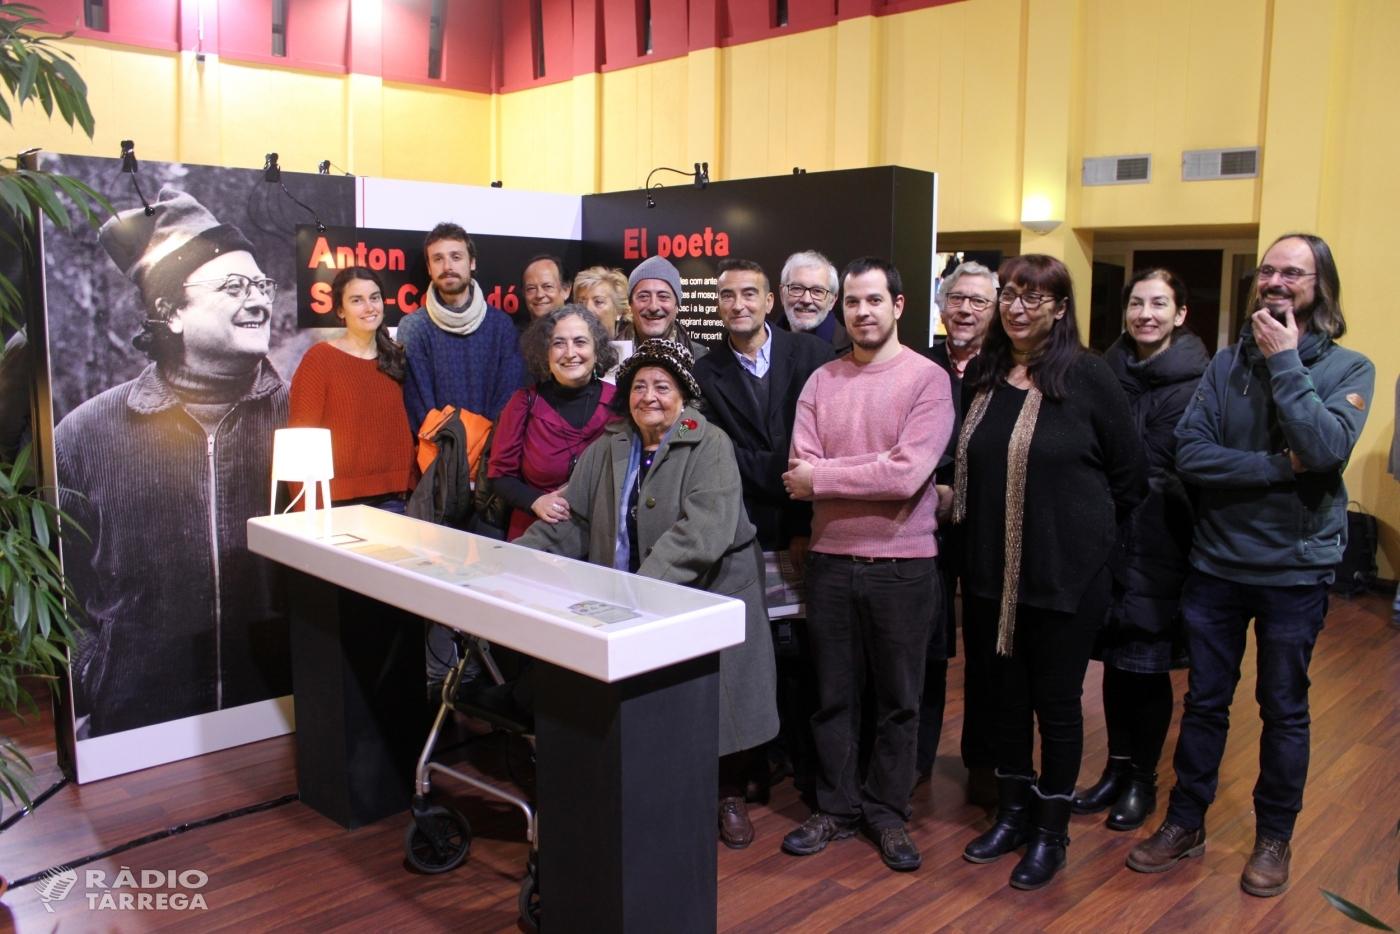 Tàrrega divulga la figura del poeta Anton Sala-Cornadó en una exposició a l'Arxiu Comarcal de l'Urgell